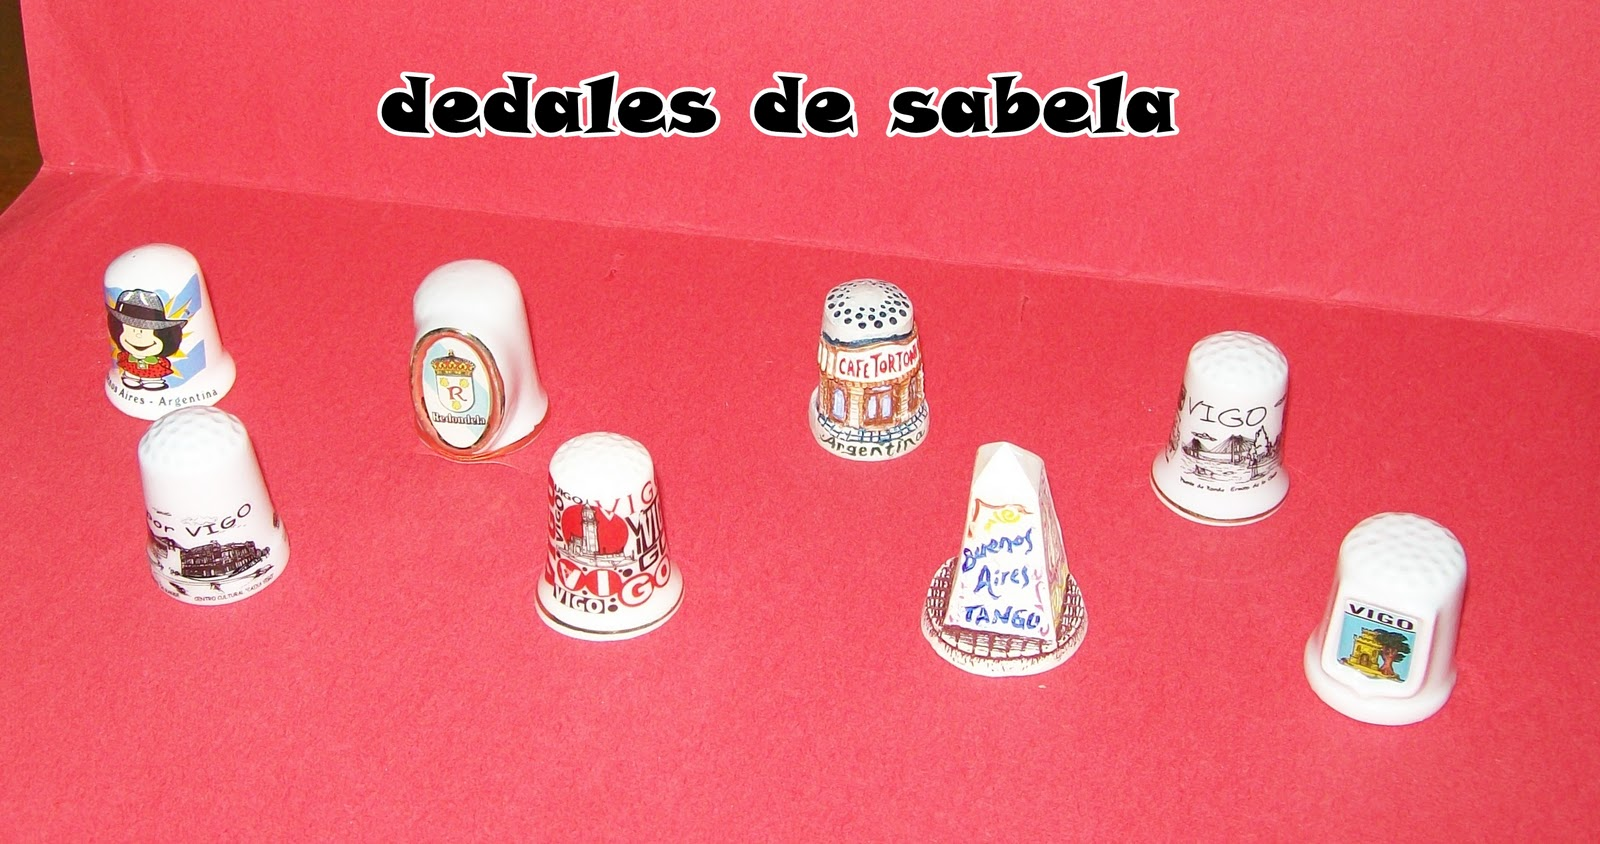 Dedales de Sabela